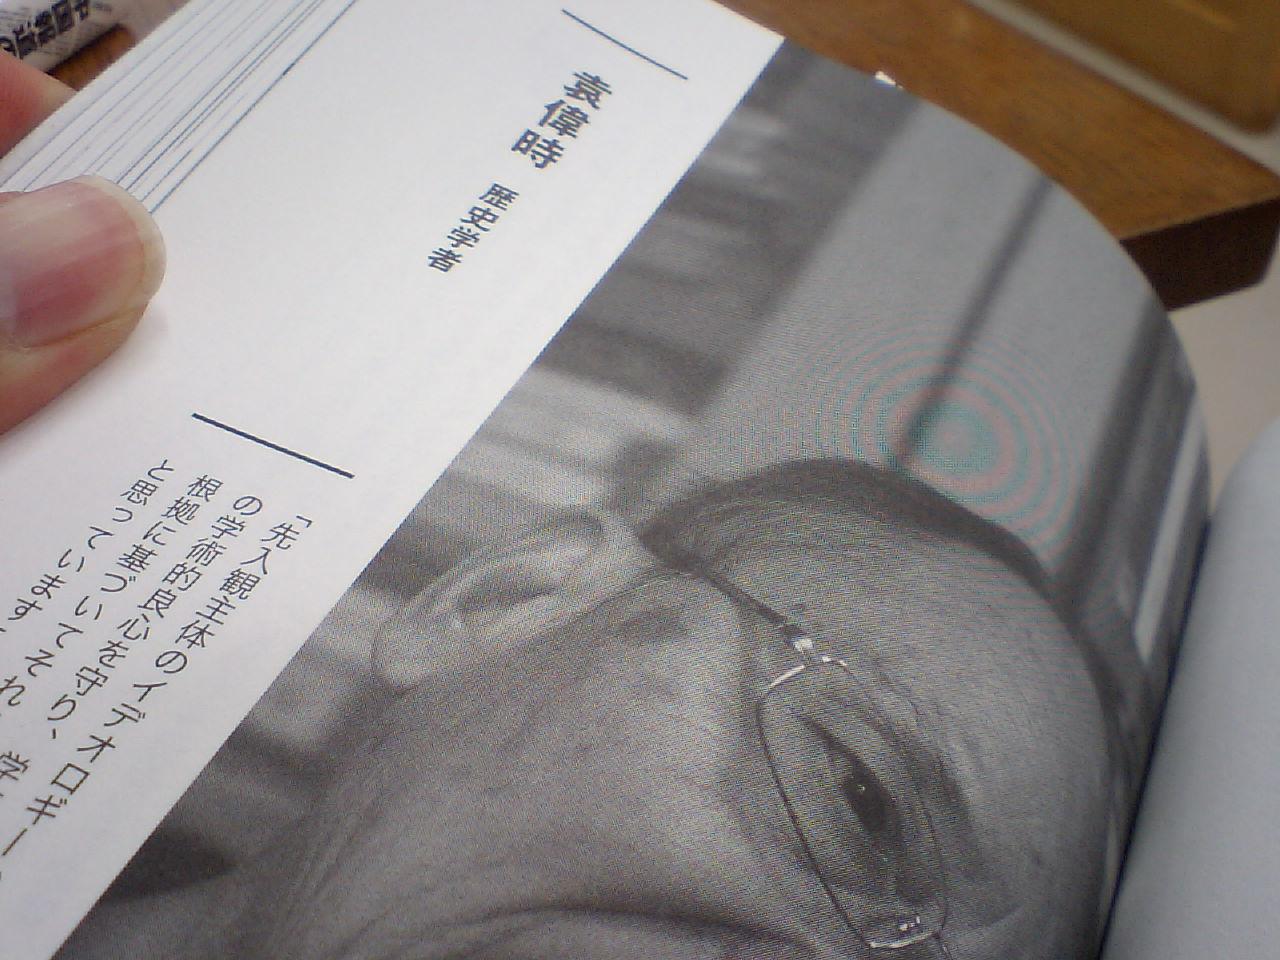 『中国の歴史教科書問題』著者袁偉時先生 集広舎の新刊に大きく登場_d0027795_20484471.jpg